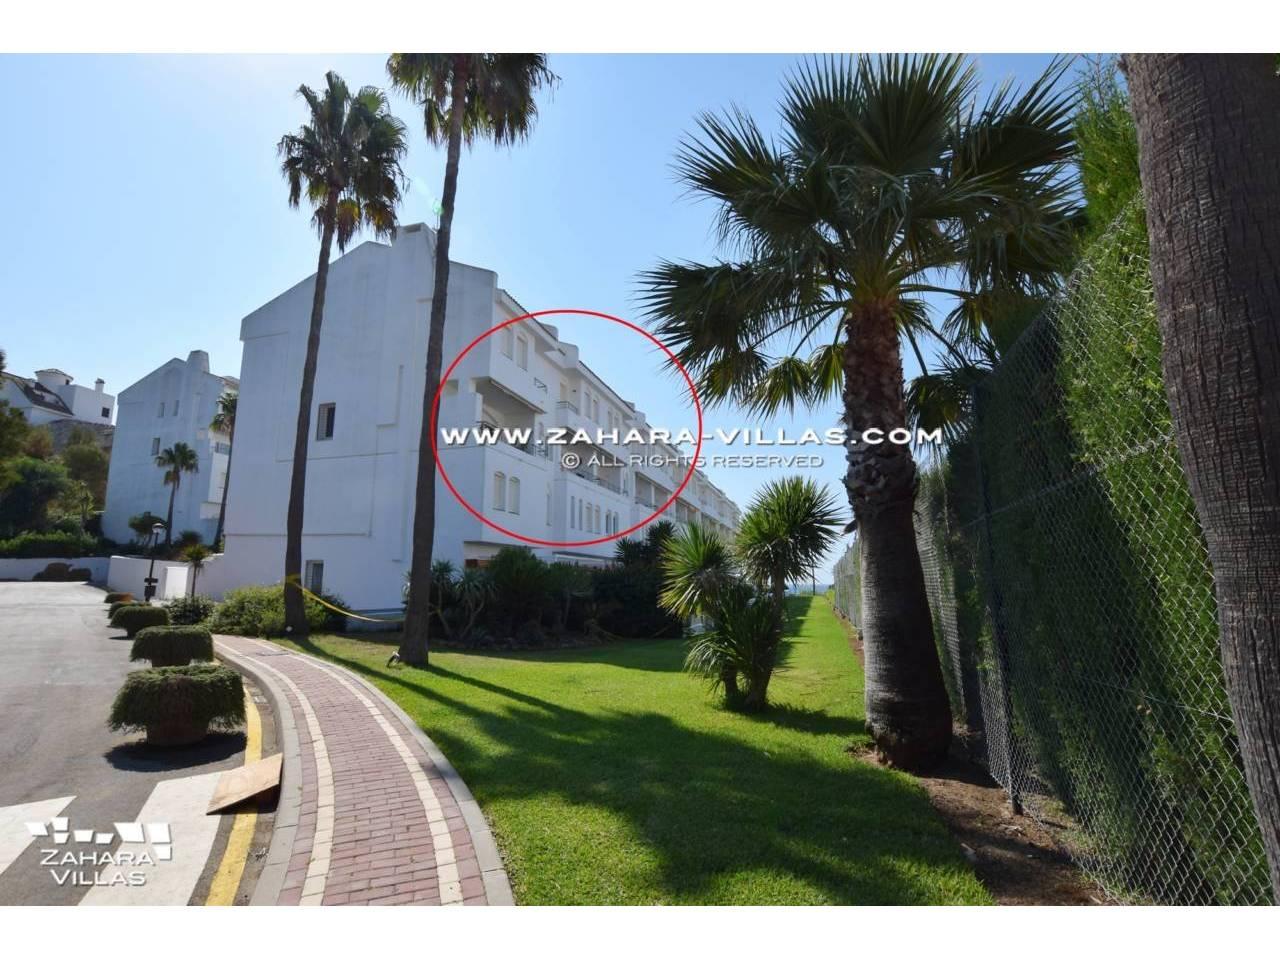 Imagen 3 de Duplex zu verkaufen in Urb. Costa Zahara